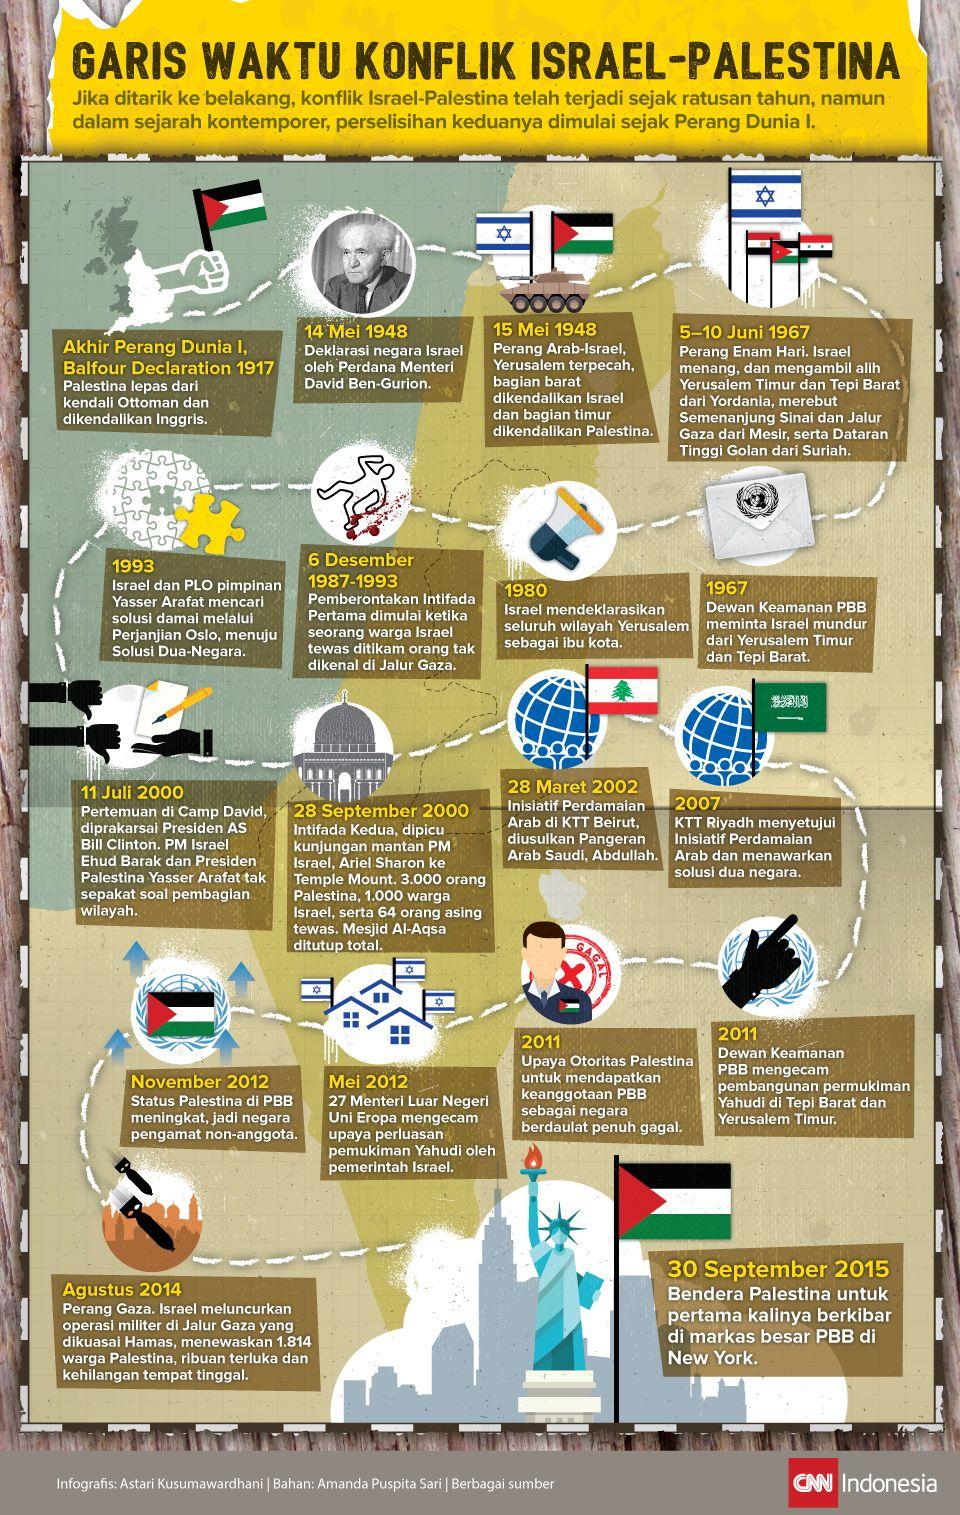 Infografis Garis Waktu Konflik Israel-Palestina